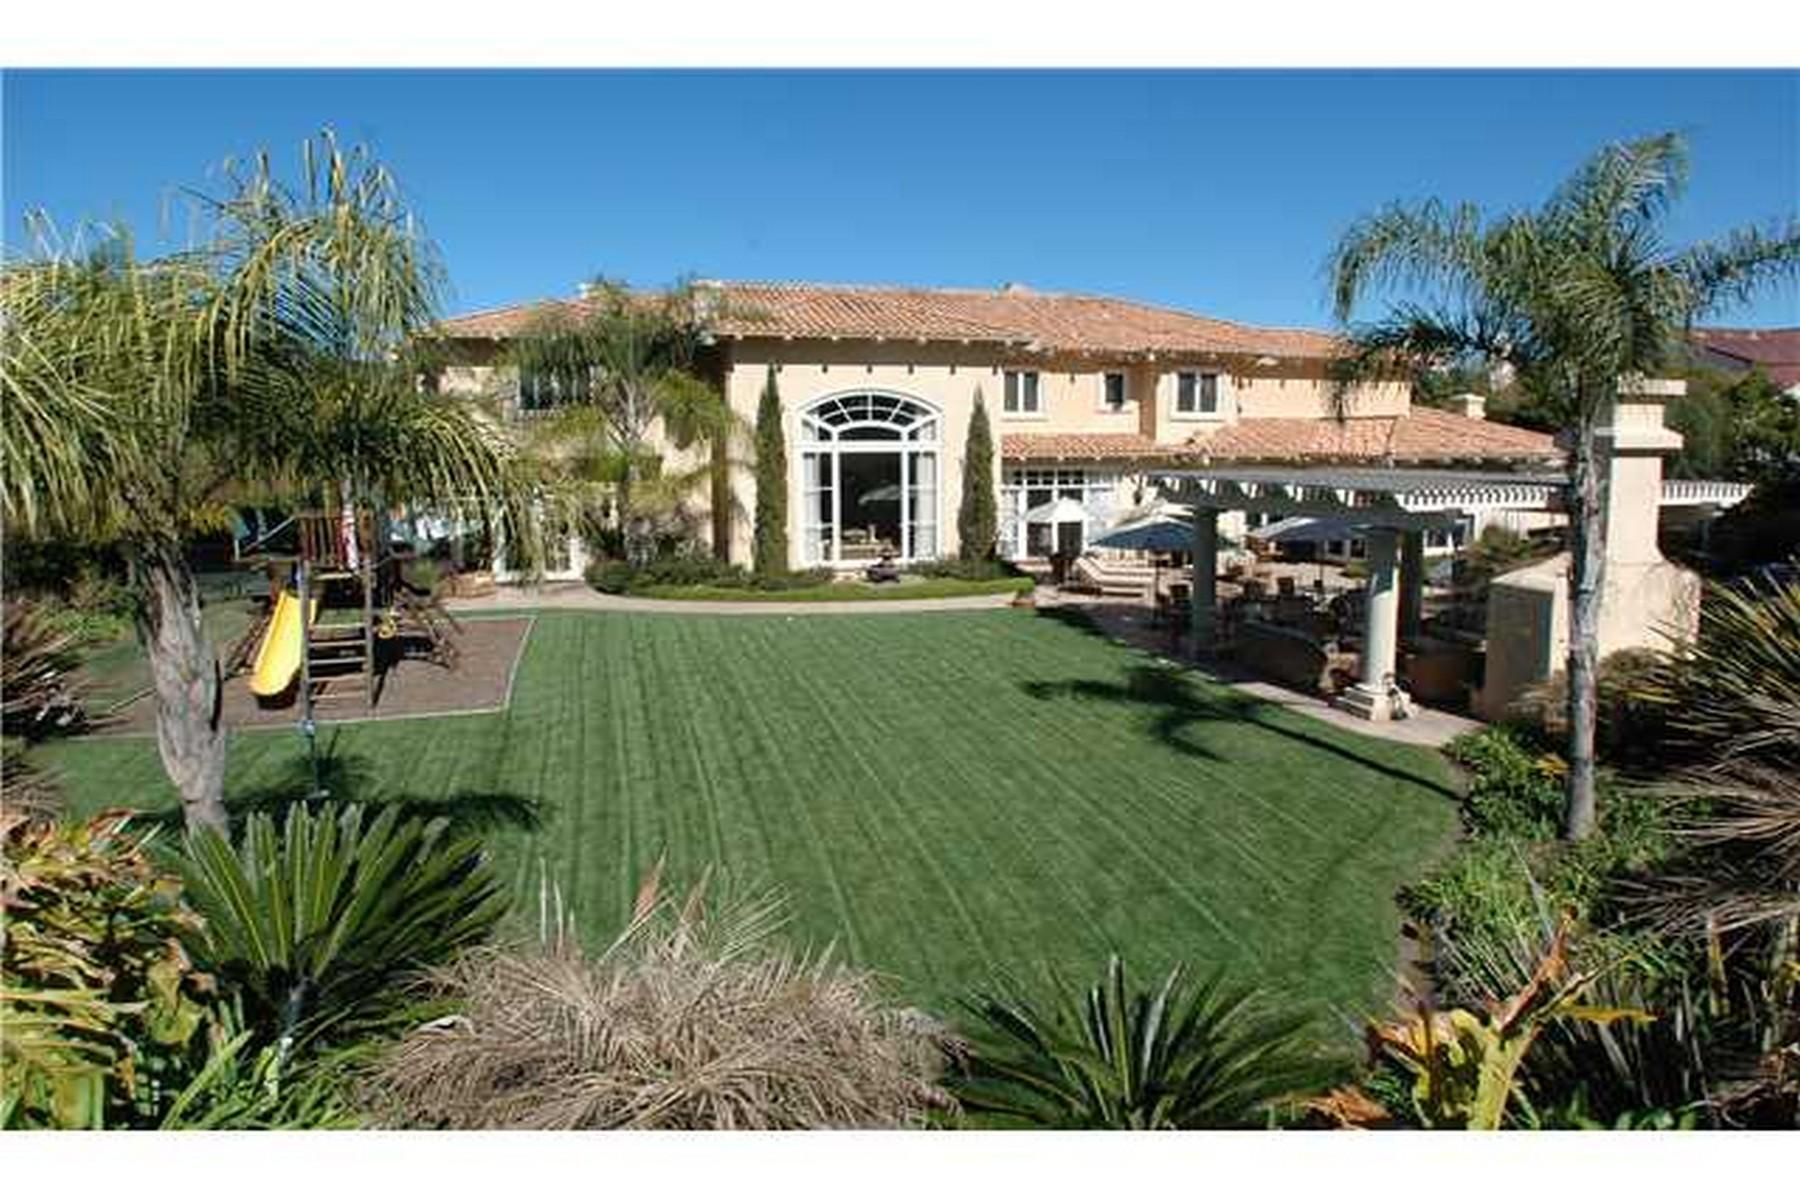 Частный односемейный дом для того Аренда на 6369 Clubhouse Drive 6369 Clubhouse Drive - Rental Rancho Santa Fe, 92067 Соединенные Штаты